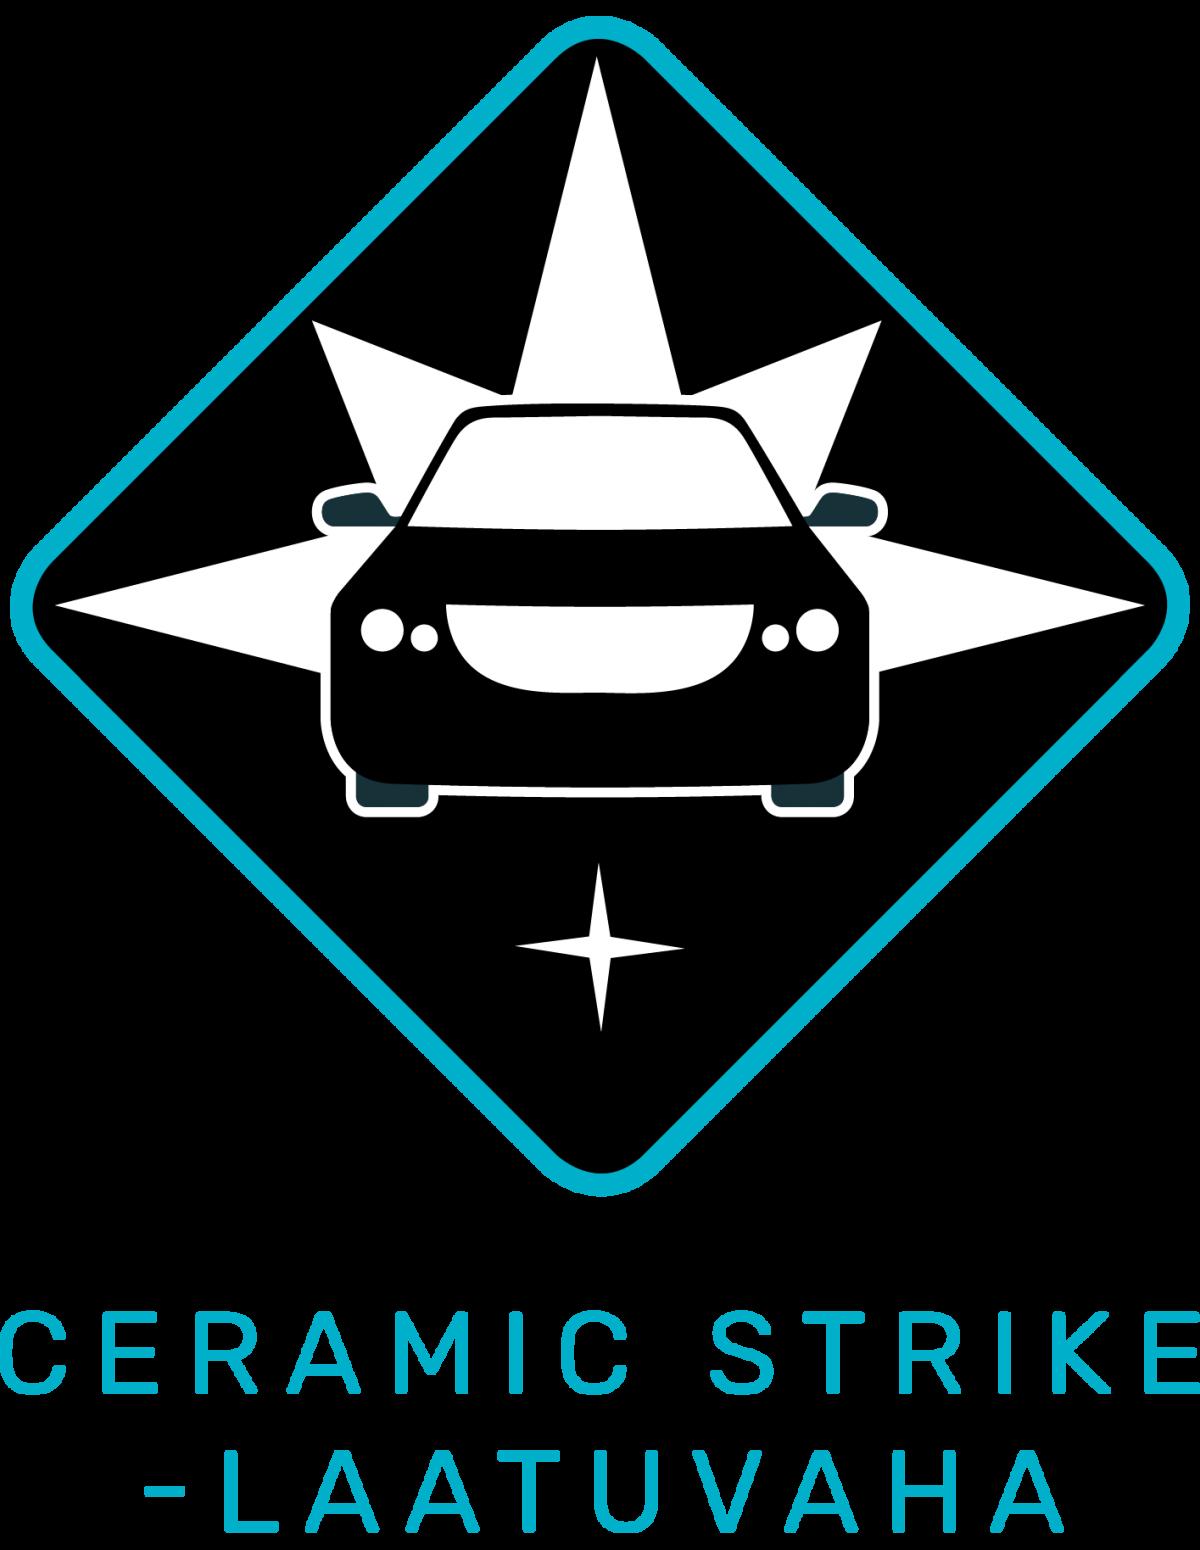 Ceramic Strike -laatuvaha ikoni